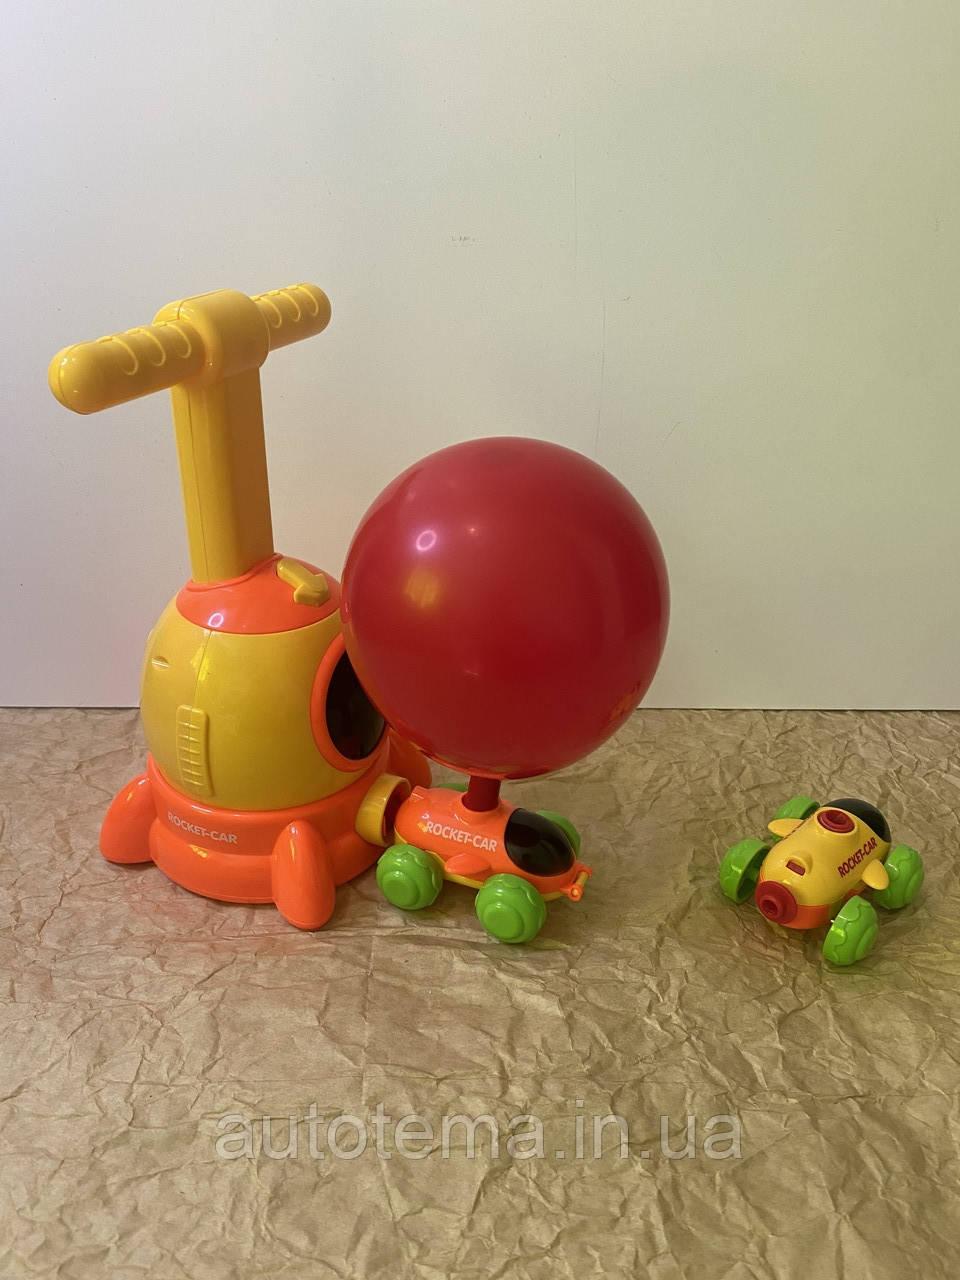 Машинка з кульками повітряні перегони